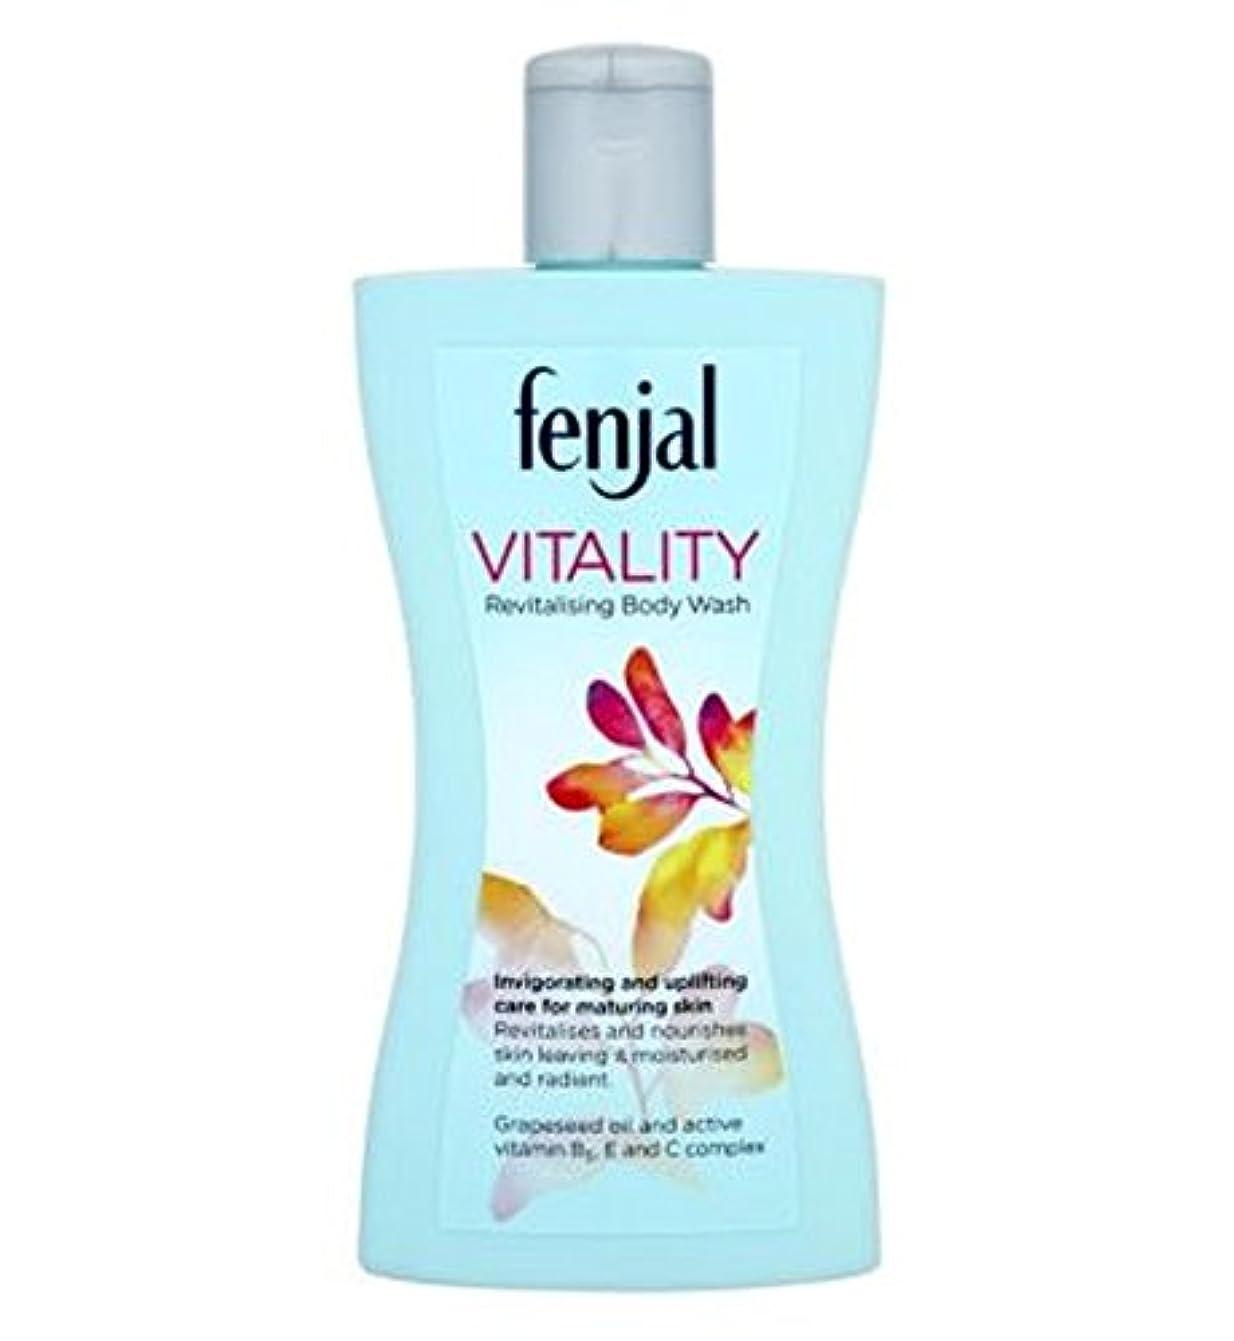 守銭奴良性ジョージエリオットFenjal Vitality revitalising Body Wash - Fenjal活力活性化ボディウォッシュ (Fenjal) [並行輸入品]